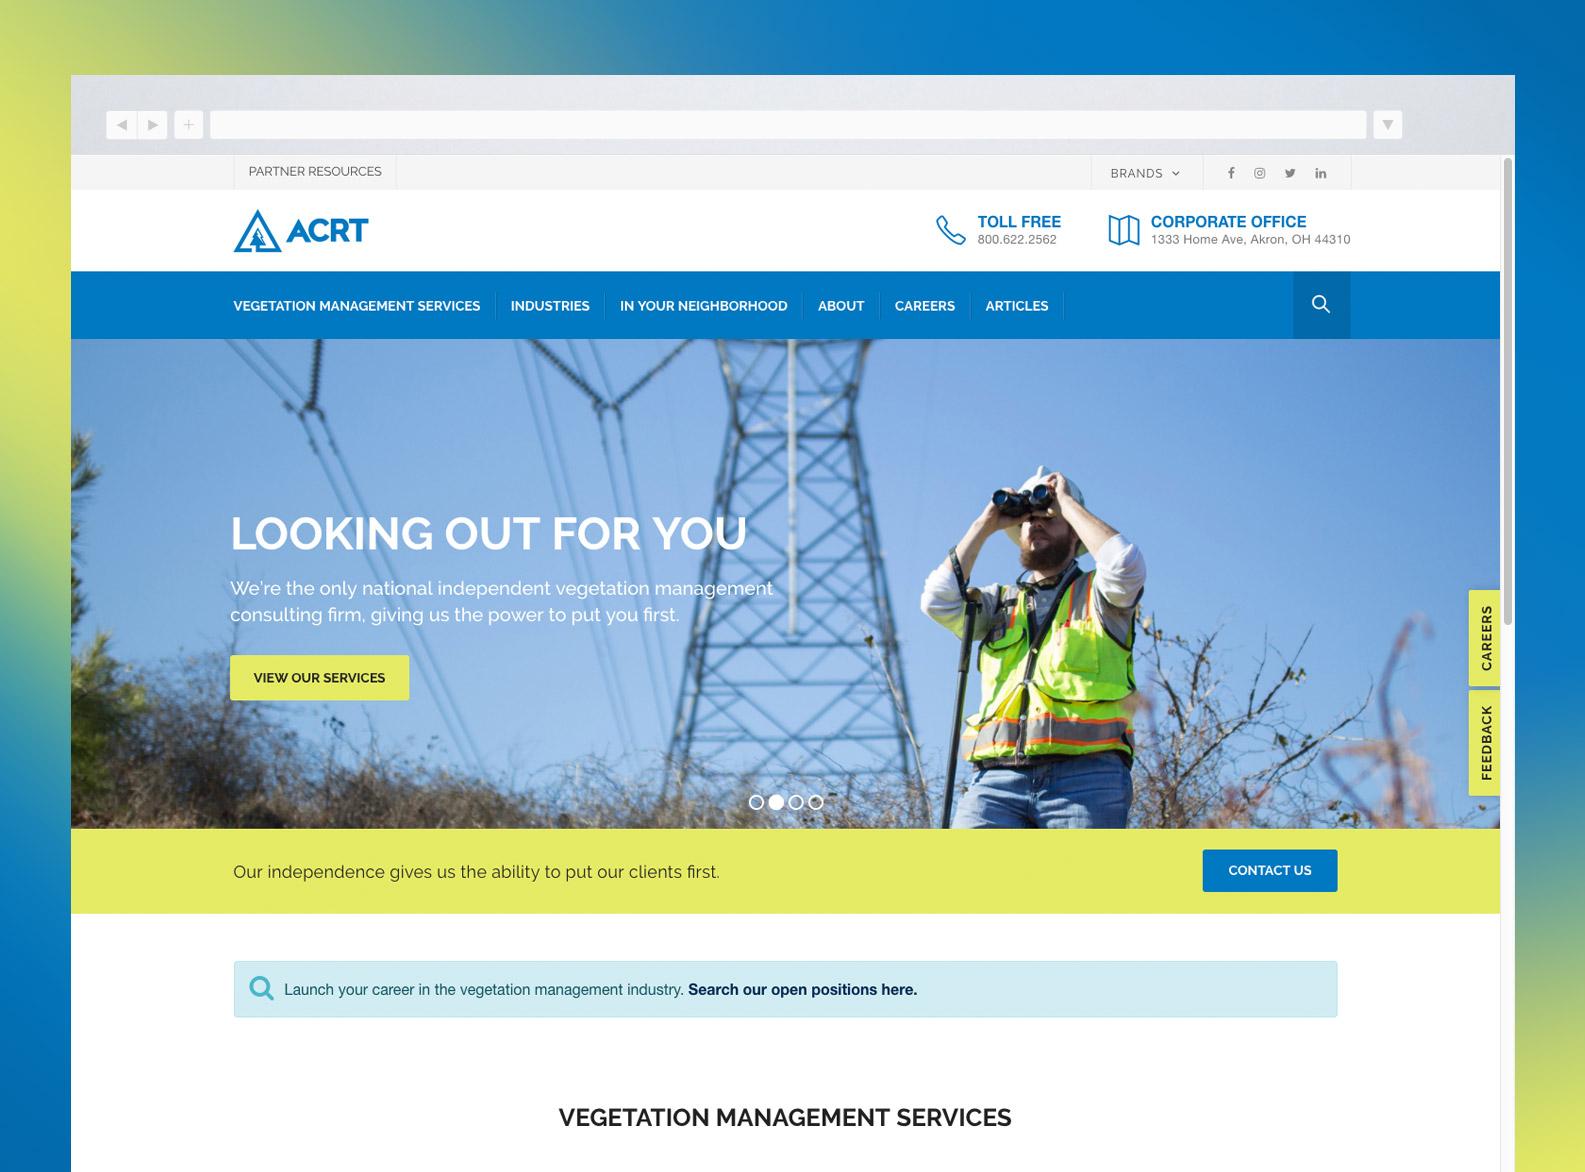 ACRT Website